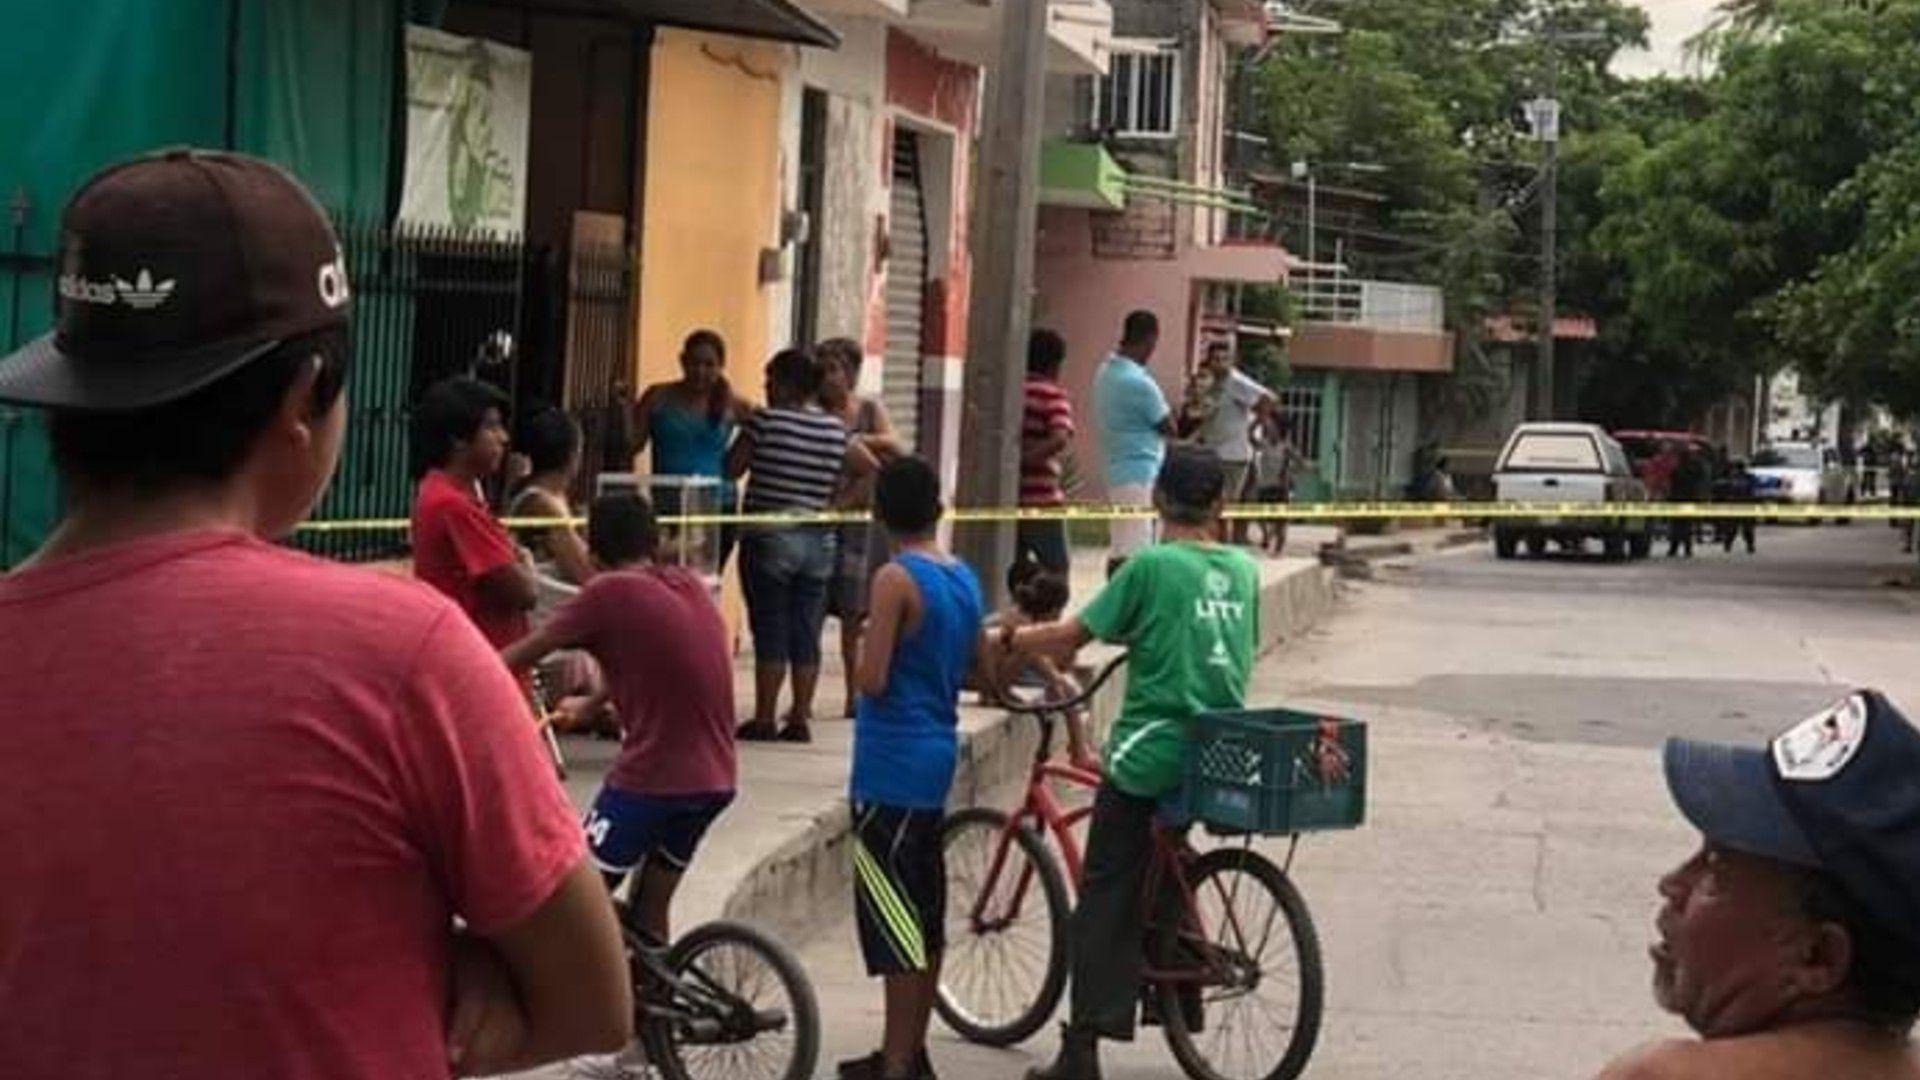 Imagen ilustrativa. Un grupo armado irrumpió en un centro de rehabilitación en Manzanillo, Colima. Hubo al menos seis personas muertas (Foto: Facebook/ Respuesta Manzanillo Colima)